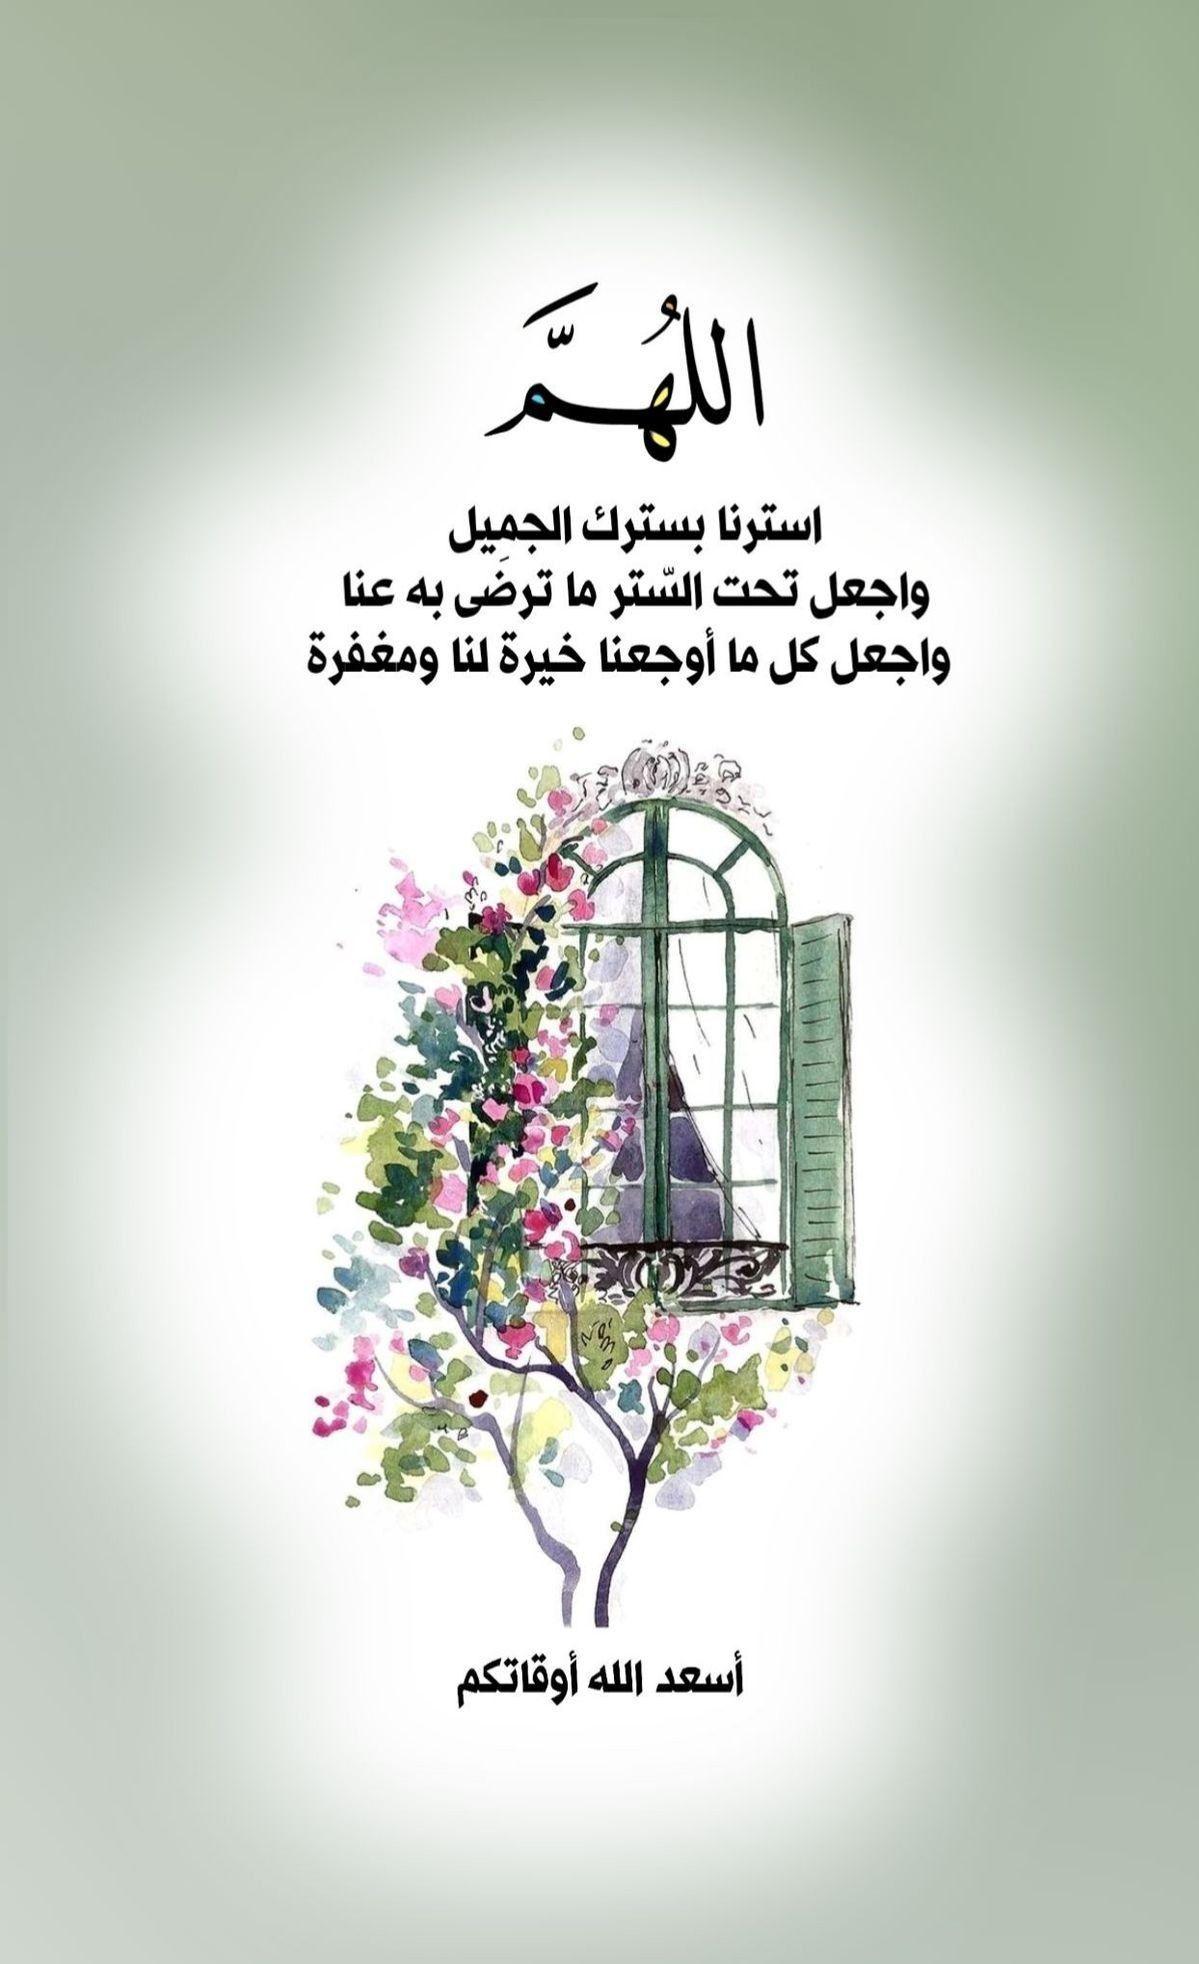 أسعد الله يومكم وحفظكم Have A Nice Day Good Morning Greetings Good Morning Arabic Good Morning Quotes